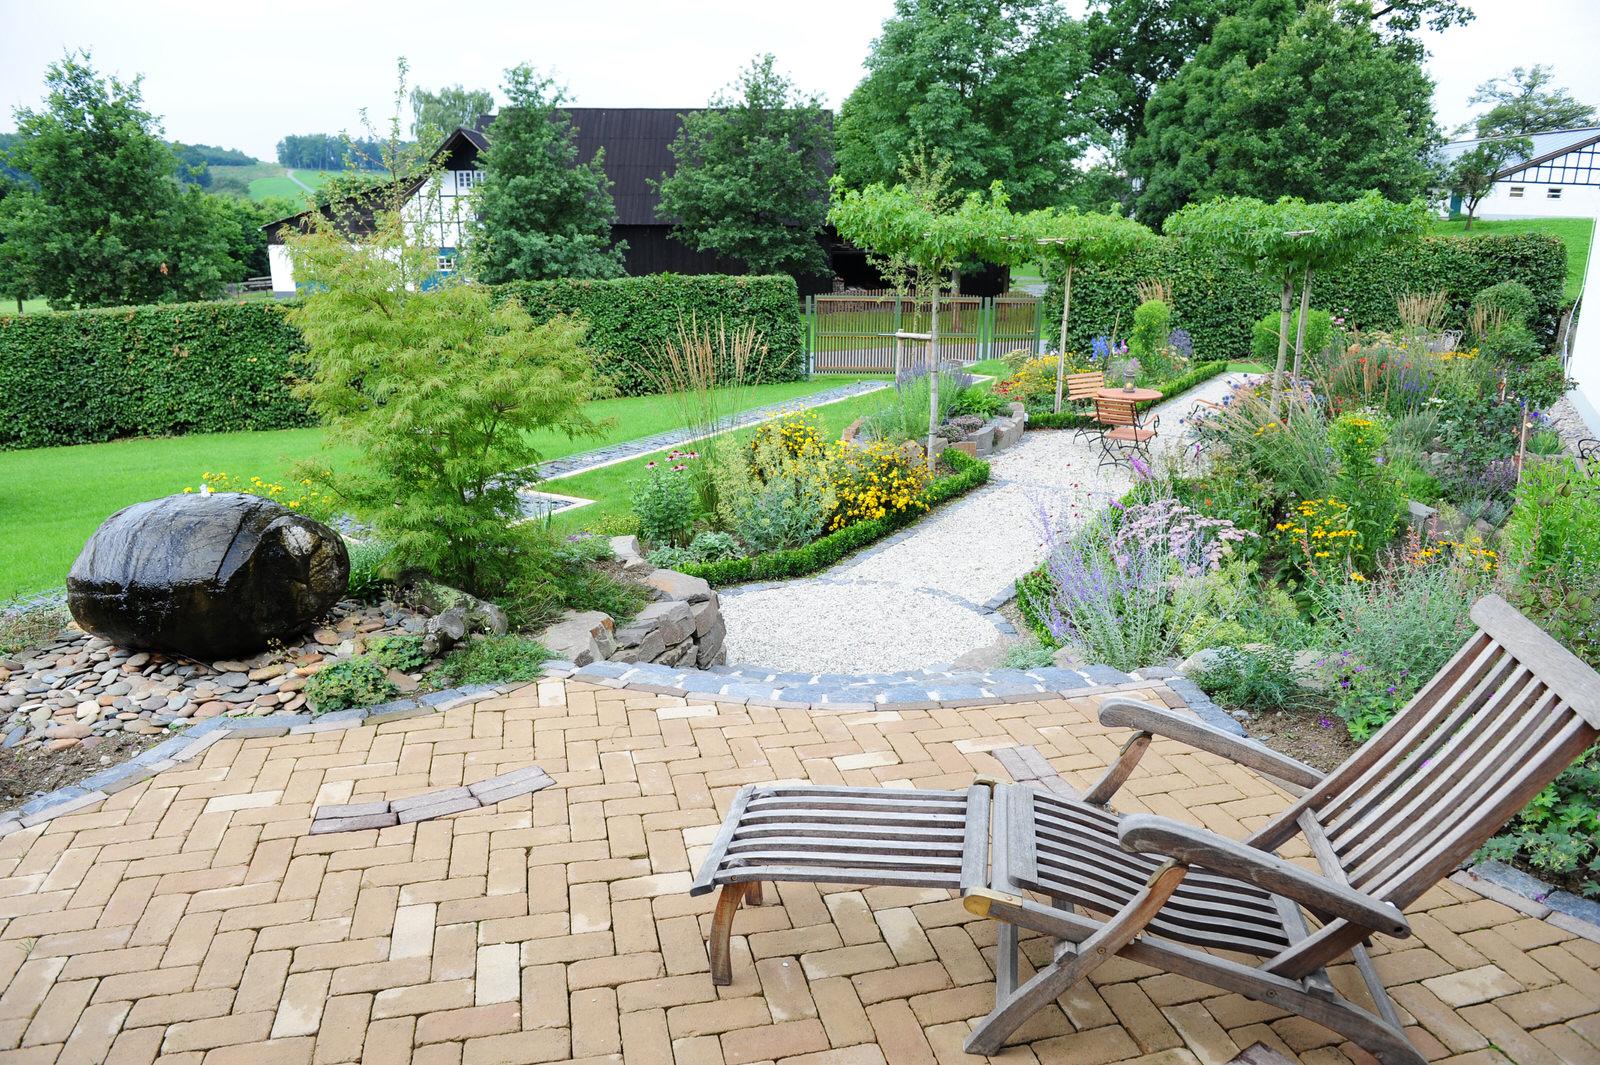 Bauerngarten salamon gartengestaltung gartenbau for Gartengestaltung landhaus